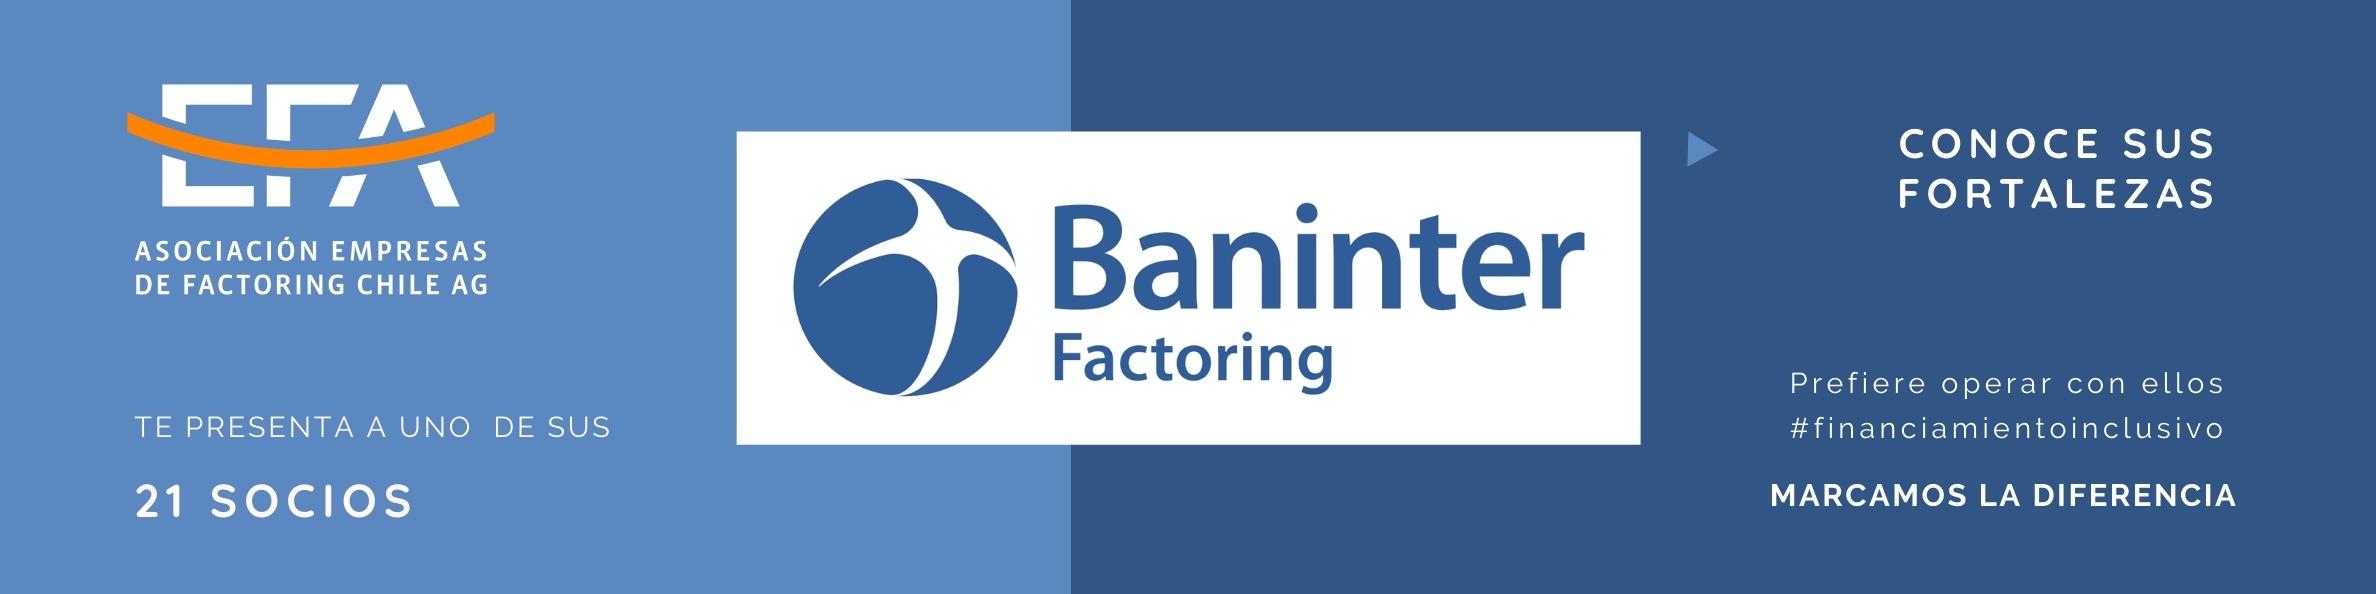 BANINTER FACTORING